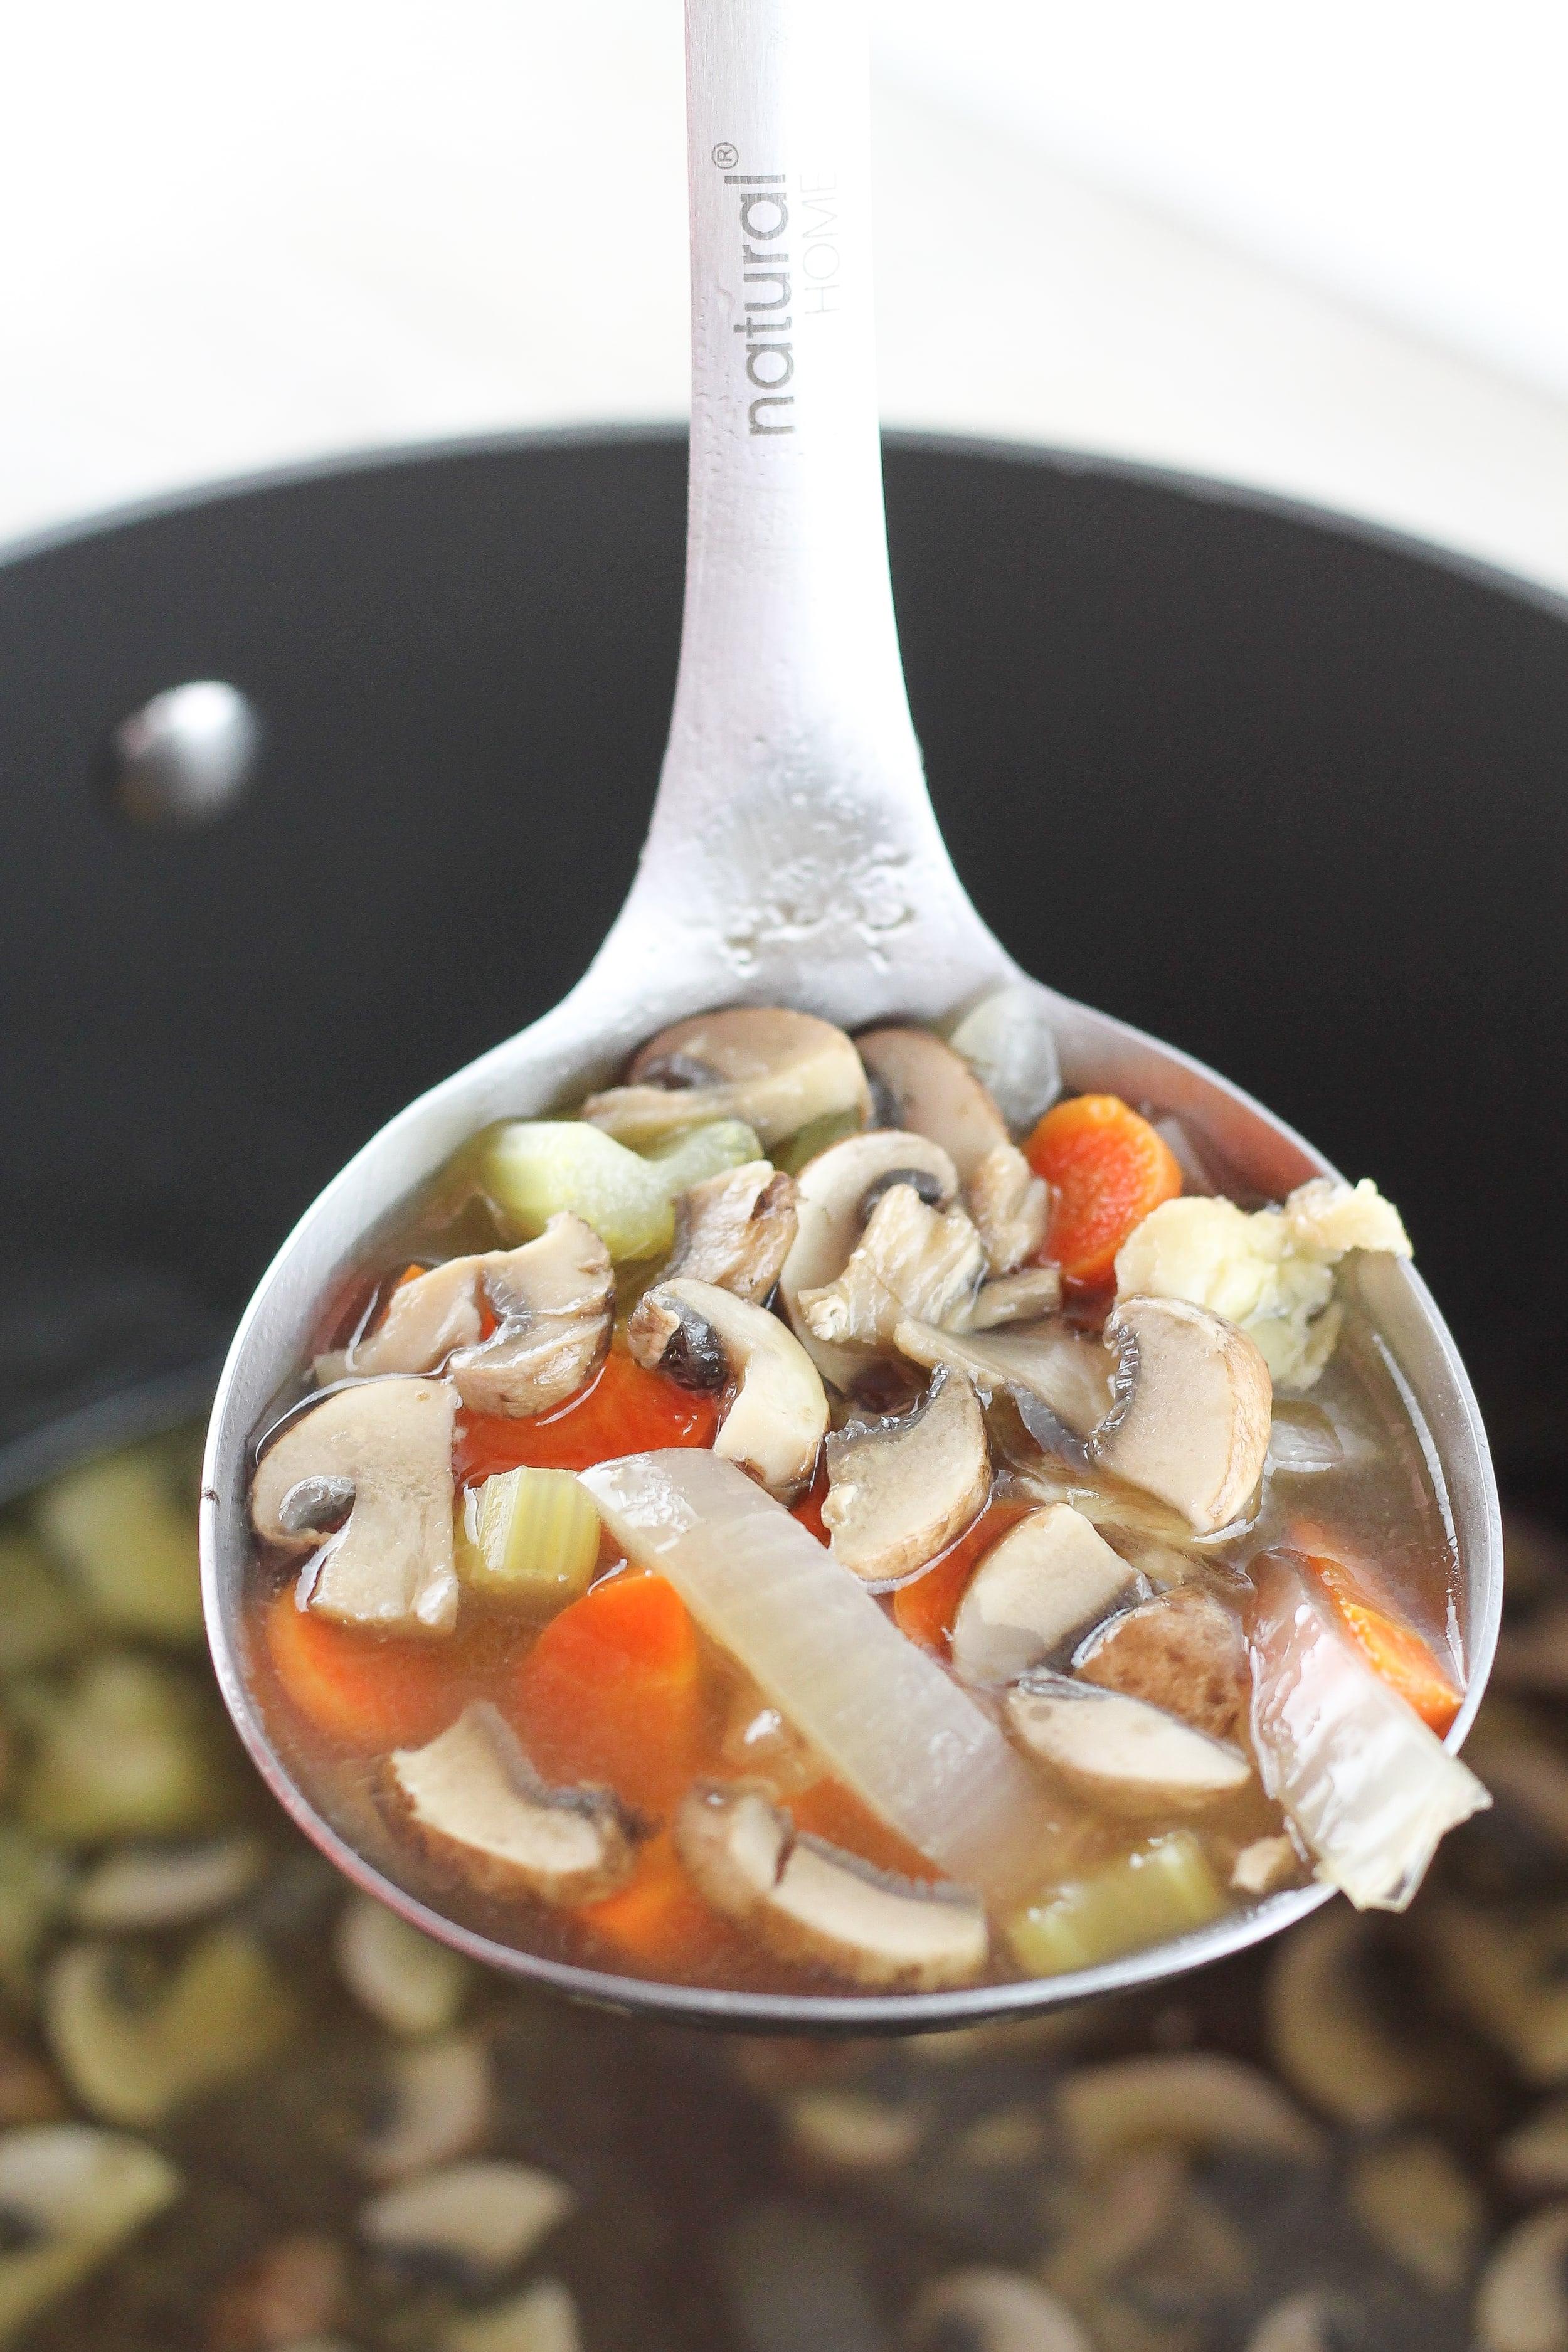 Grain free, gluten free, dairy free, chicken vegetable soup